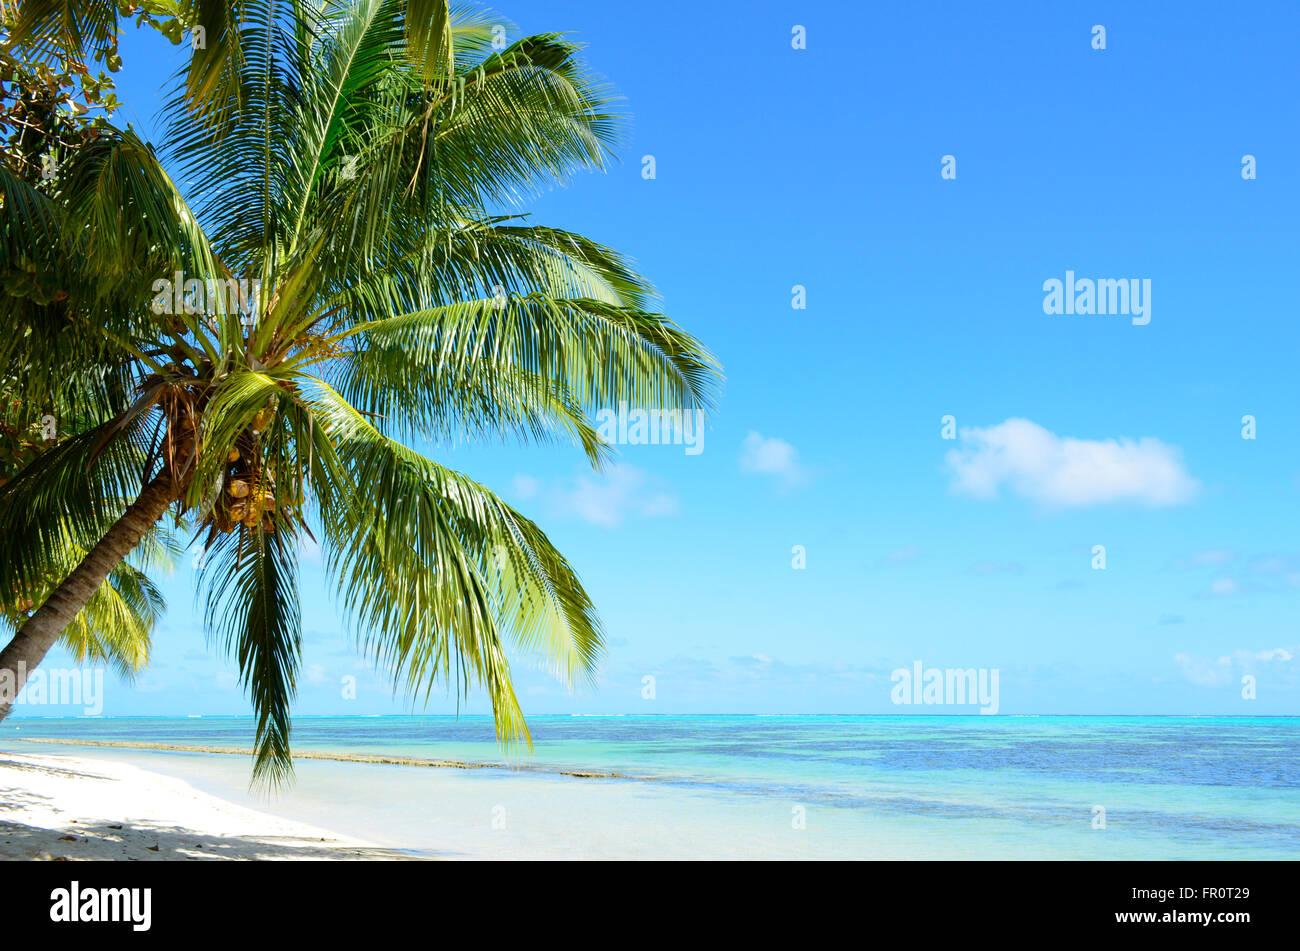 Eine Kokospalme auf einem tropischen Sandstrand mit einem blauen Meer auf Moorea, Insel des Archipels Tahiti, Französisch Stockbild